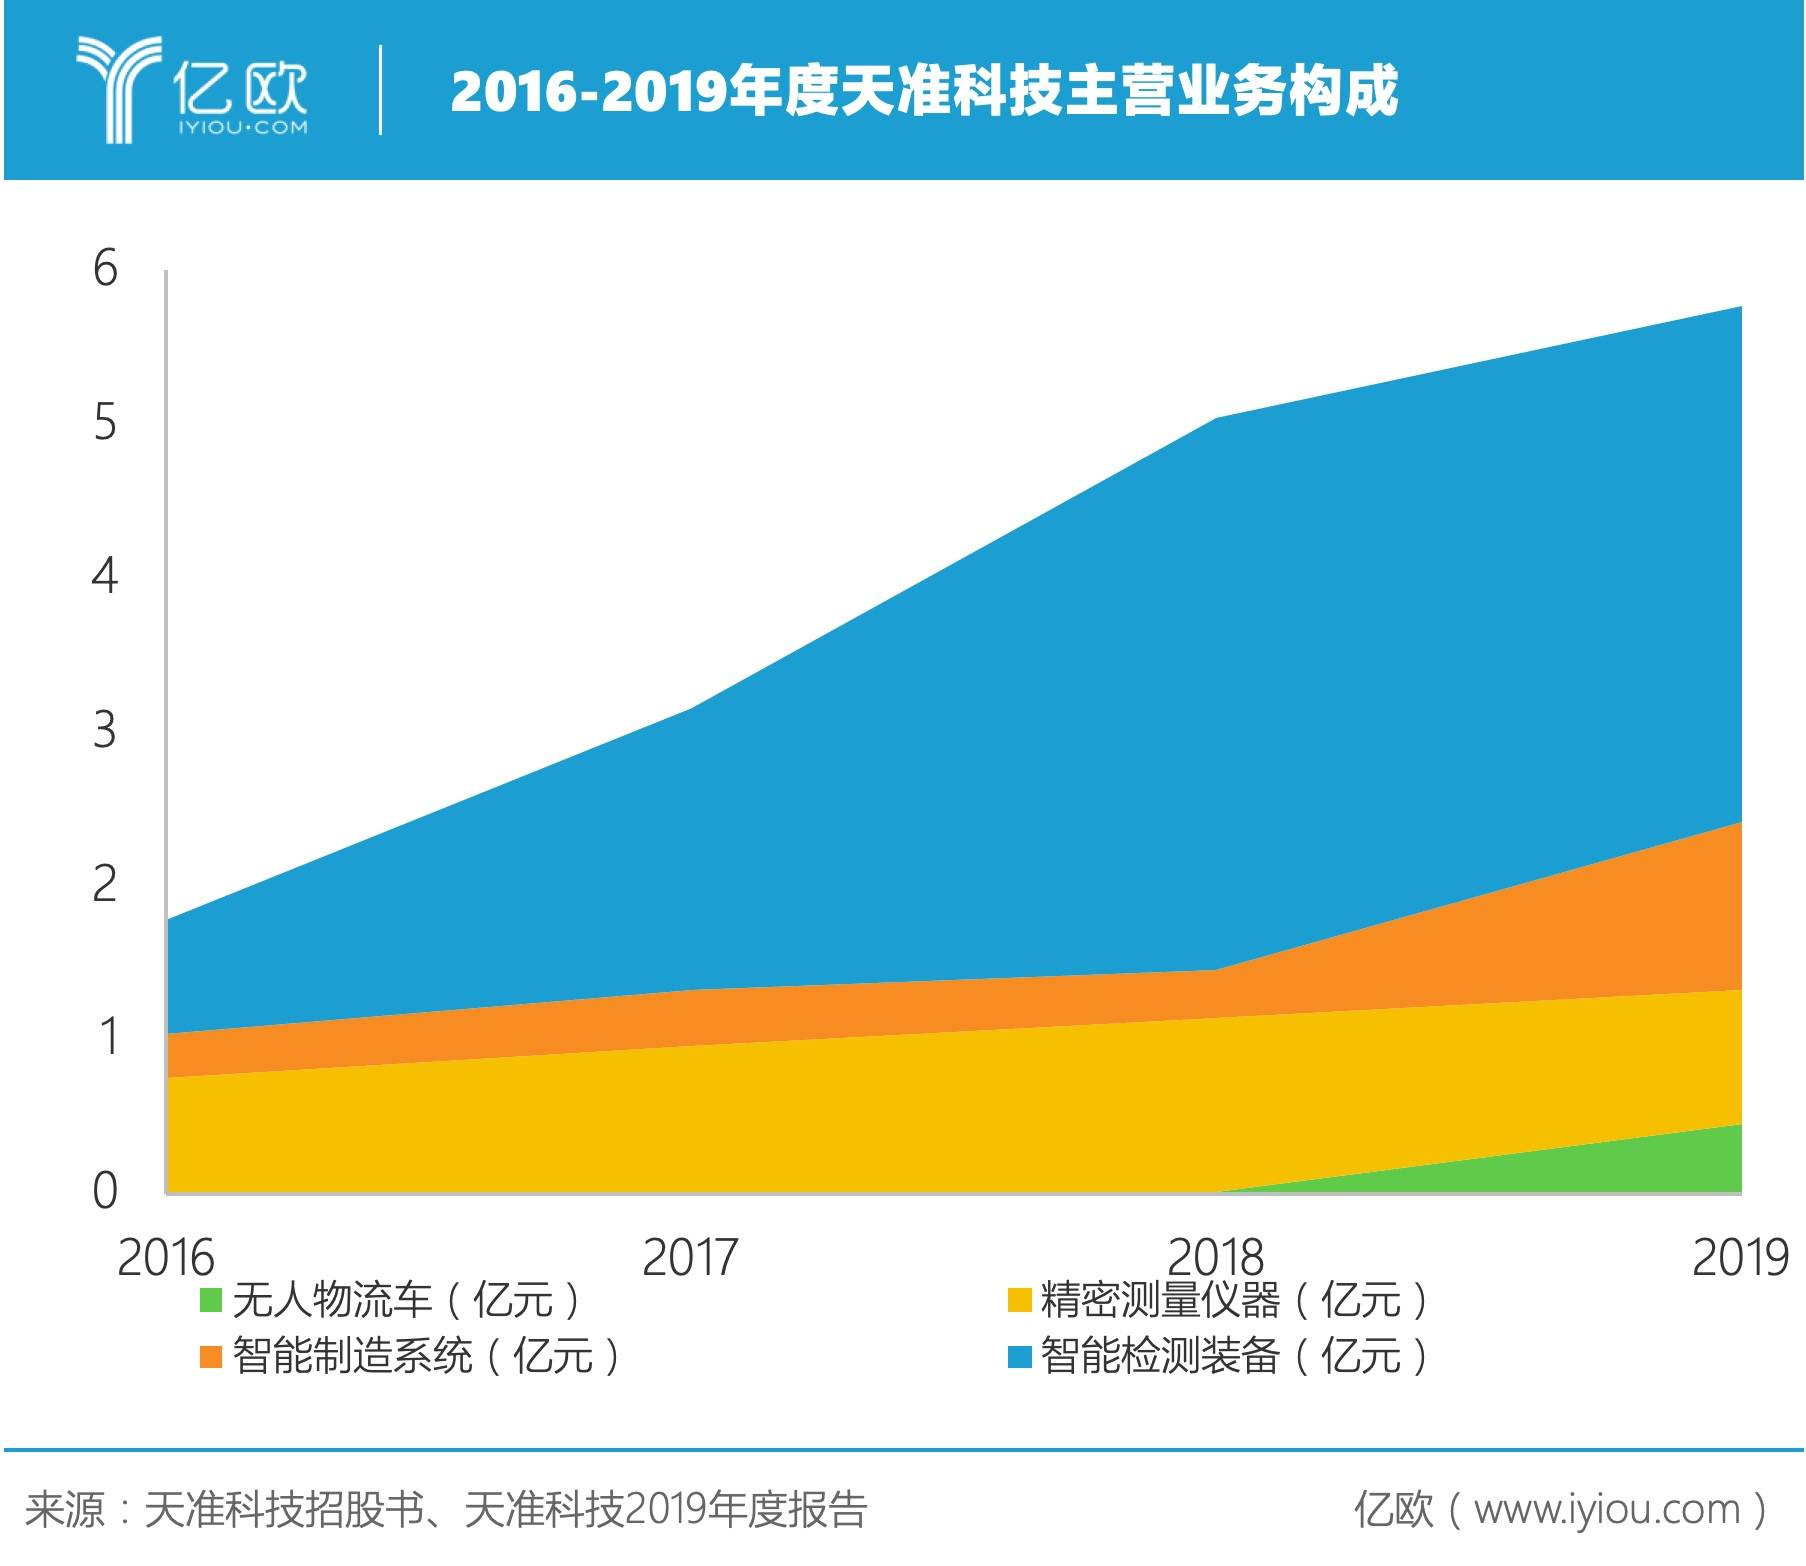 2016-2019年度天准科技主营业务构成.jpeg